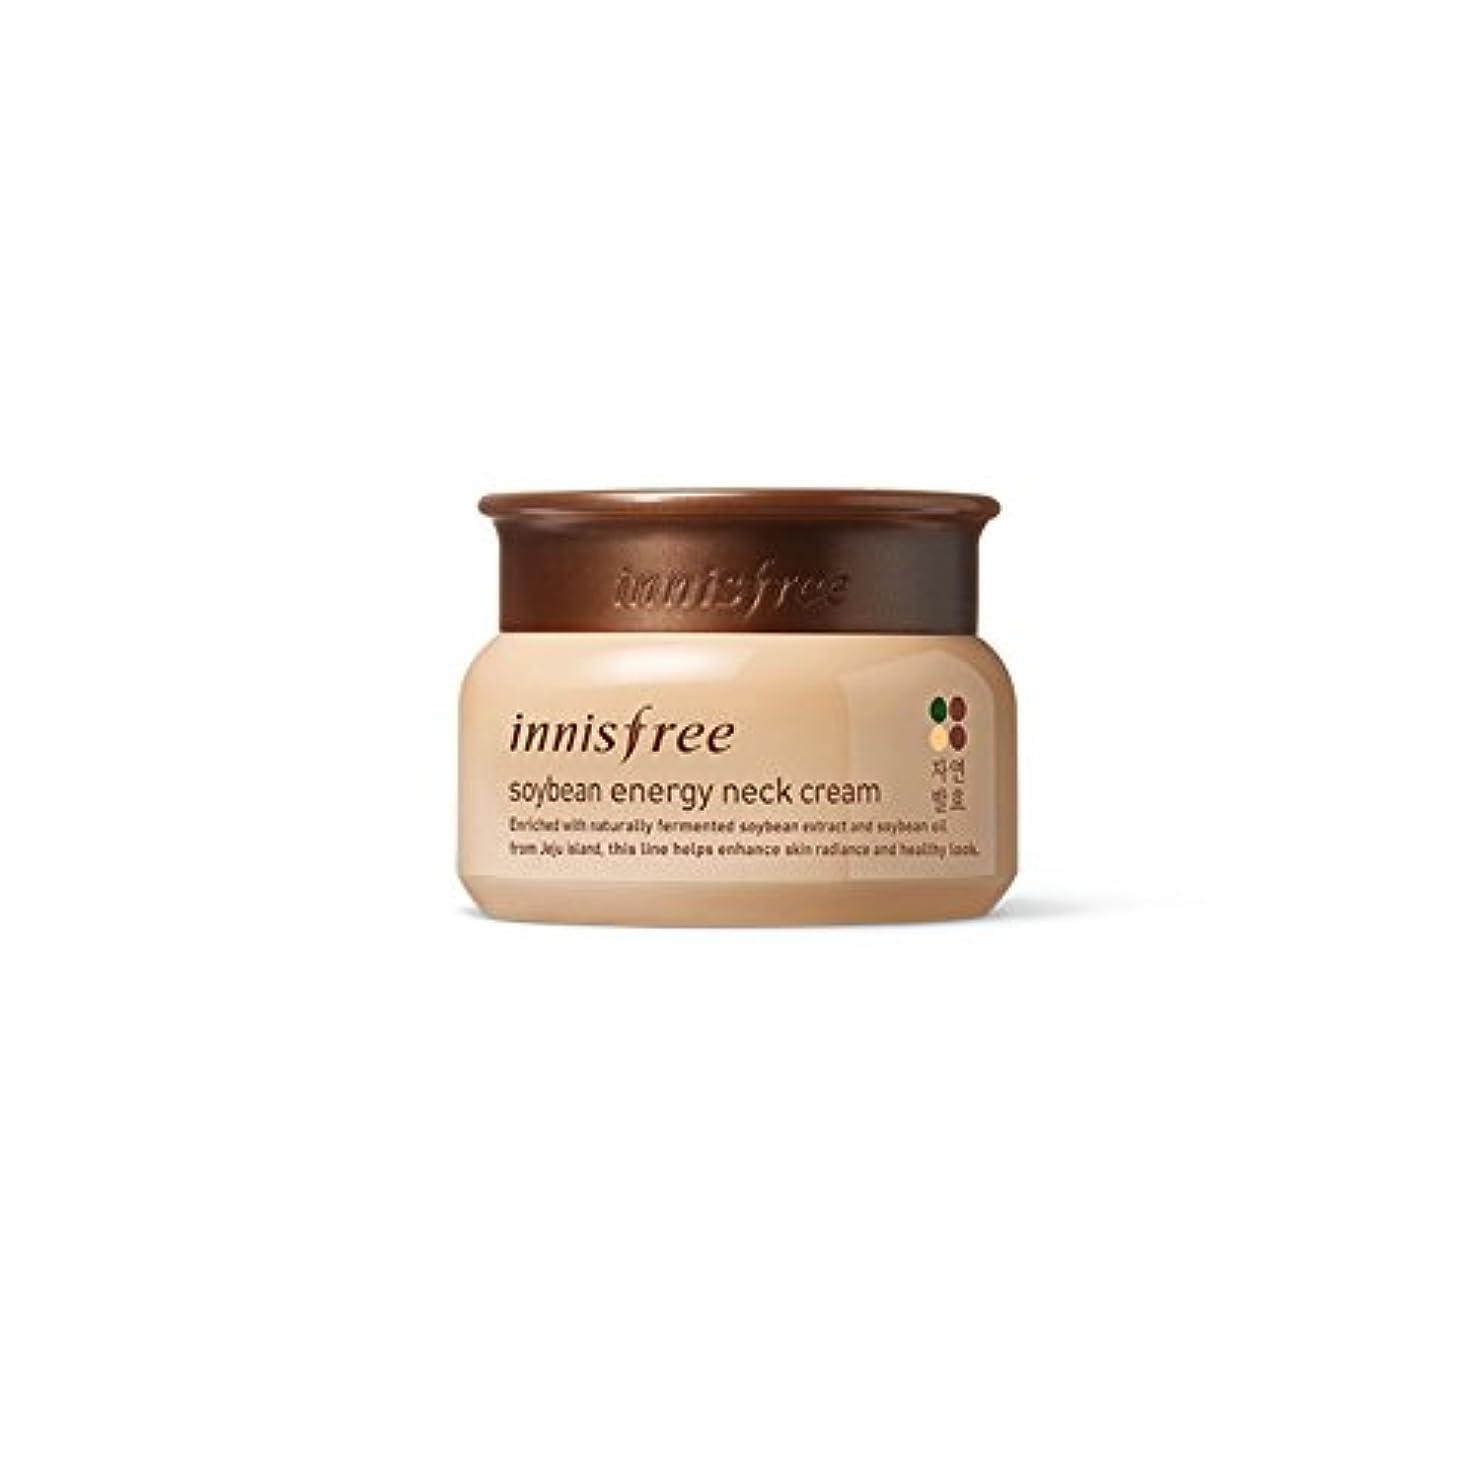 疑わしい粘性のコース[イニスフリー] Innisfree 発酵大豆エネジネッククリーム (80ml) Innisfree Soy Bean Energy Neck Cream (80ml) [海外直送品]